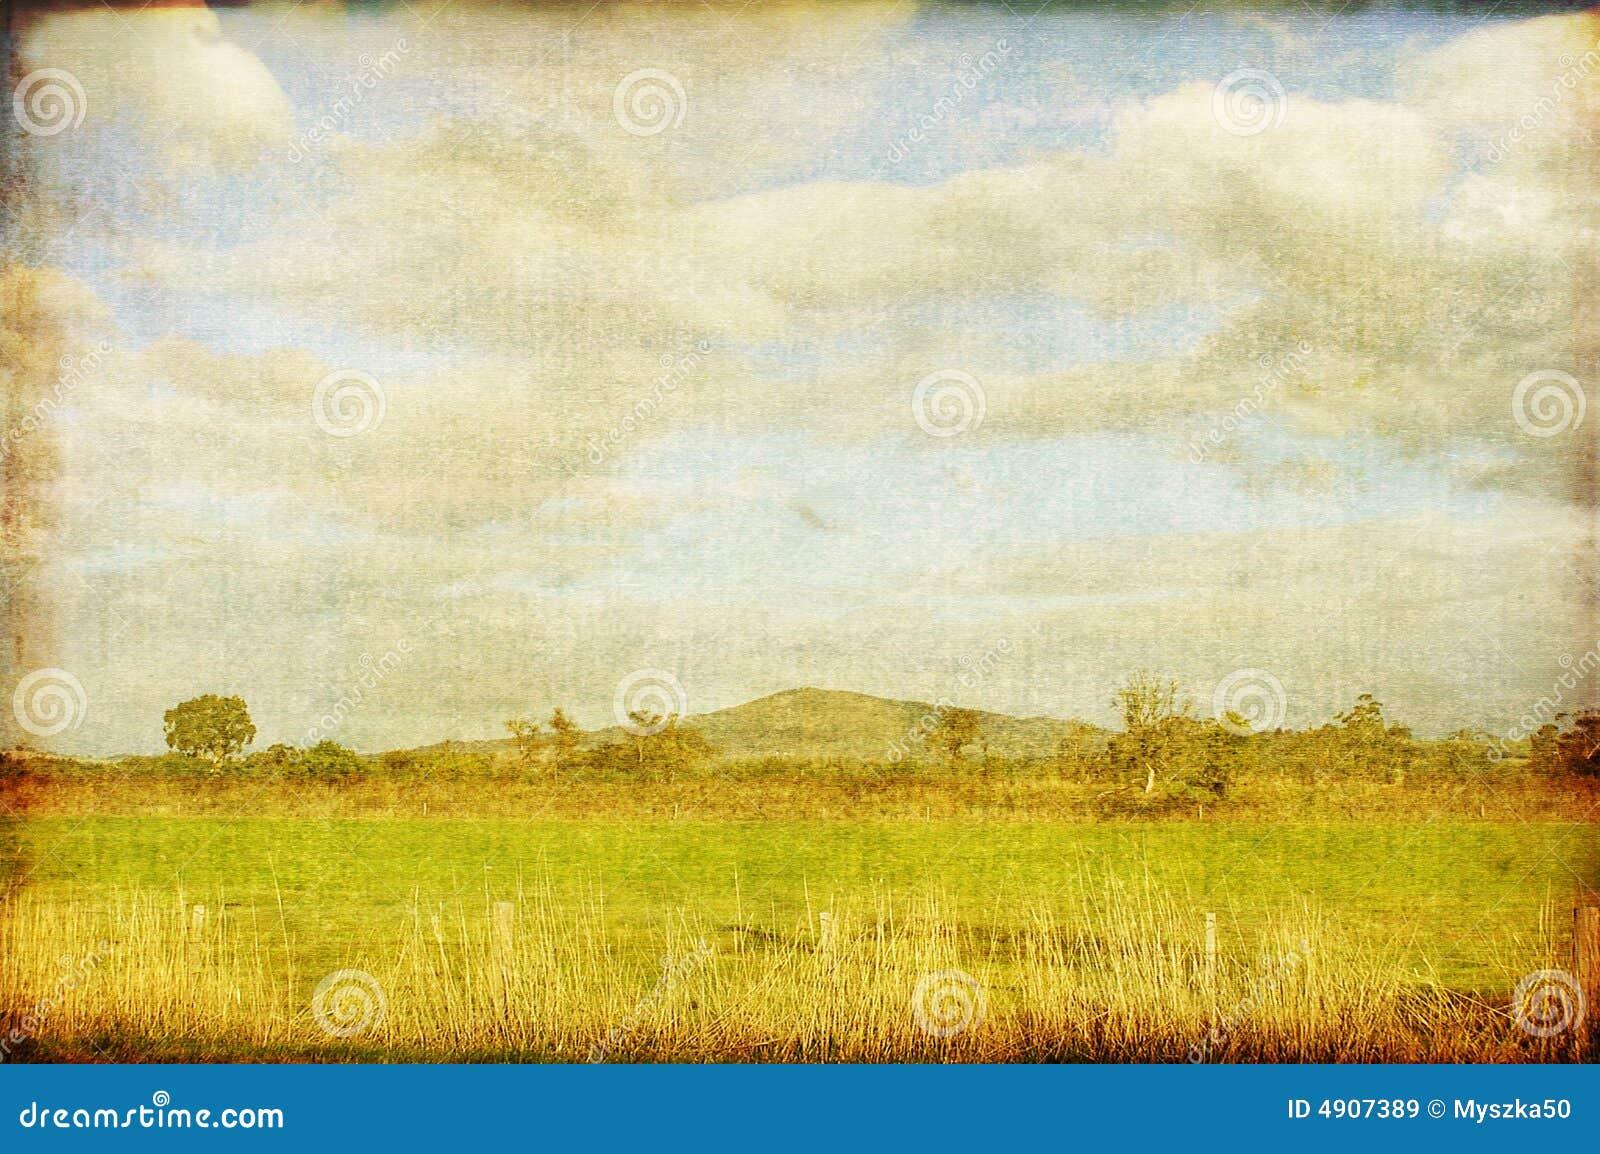 VINTAGE Landscape Royalty Free Stock Images - Image: 4907389